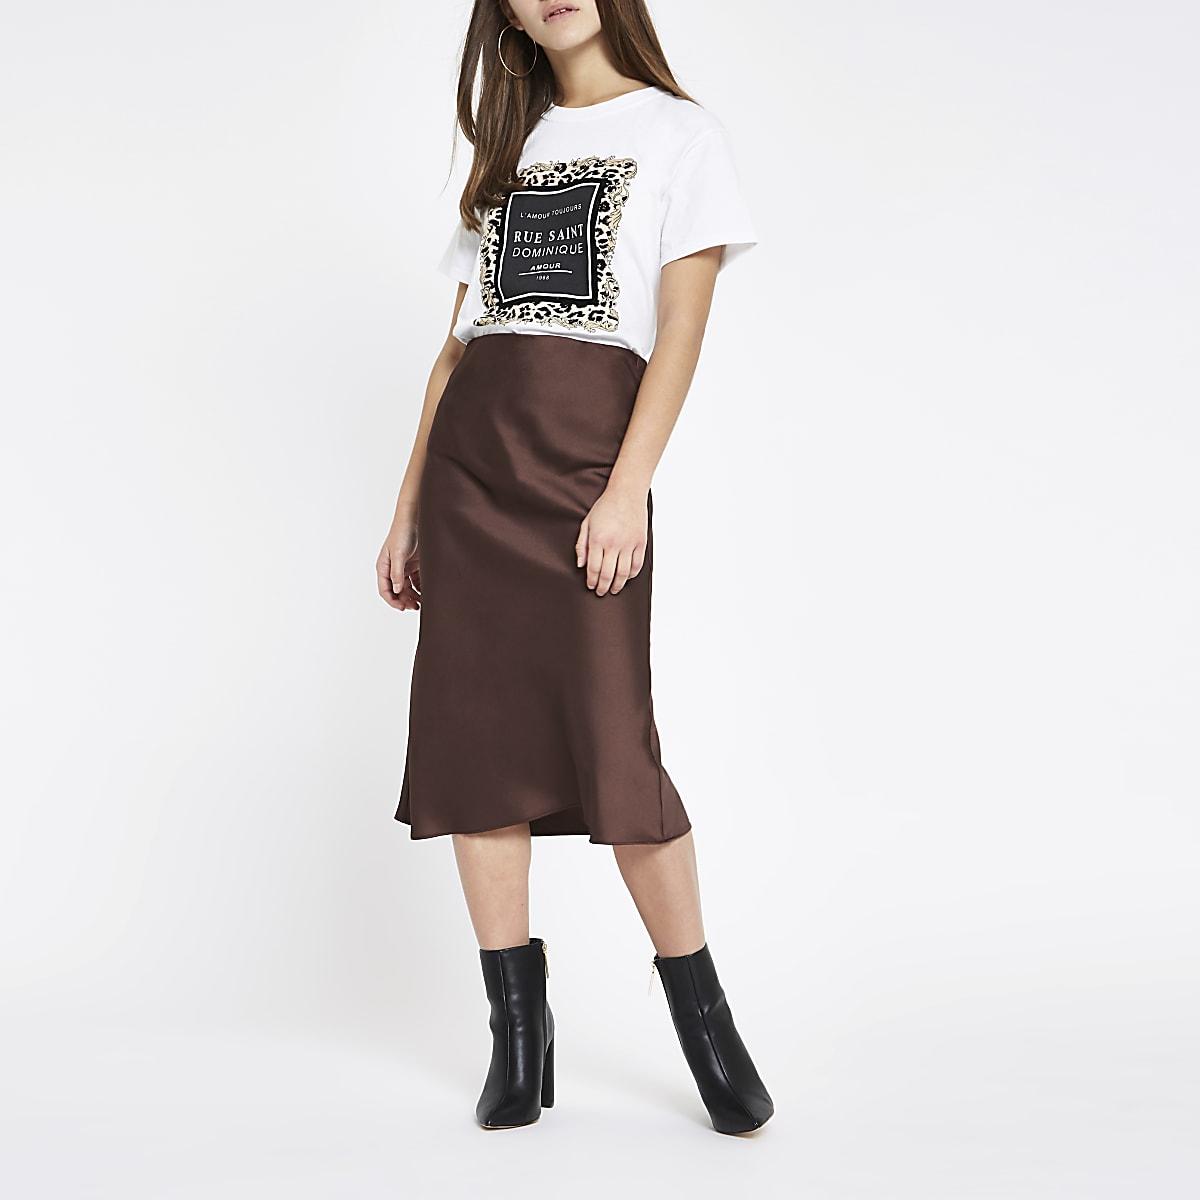 28bb9d8a1 Petite dark brown bias cut midi skirt - Midi Skirts - Skirts - women